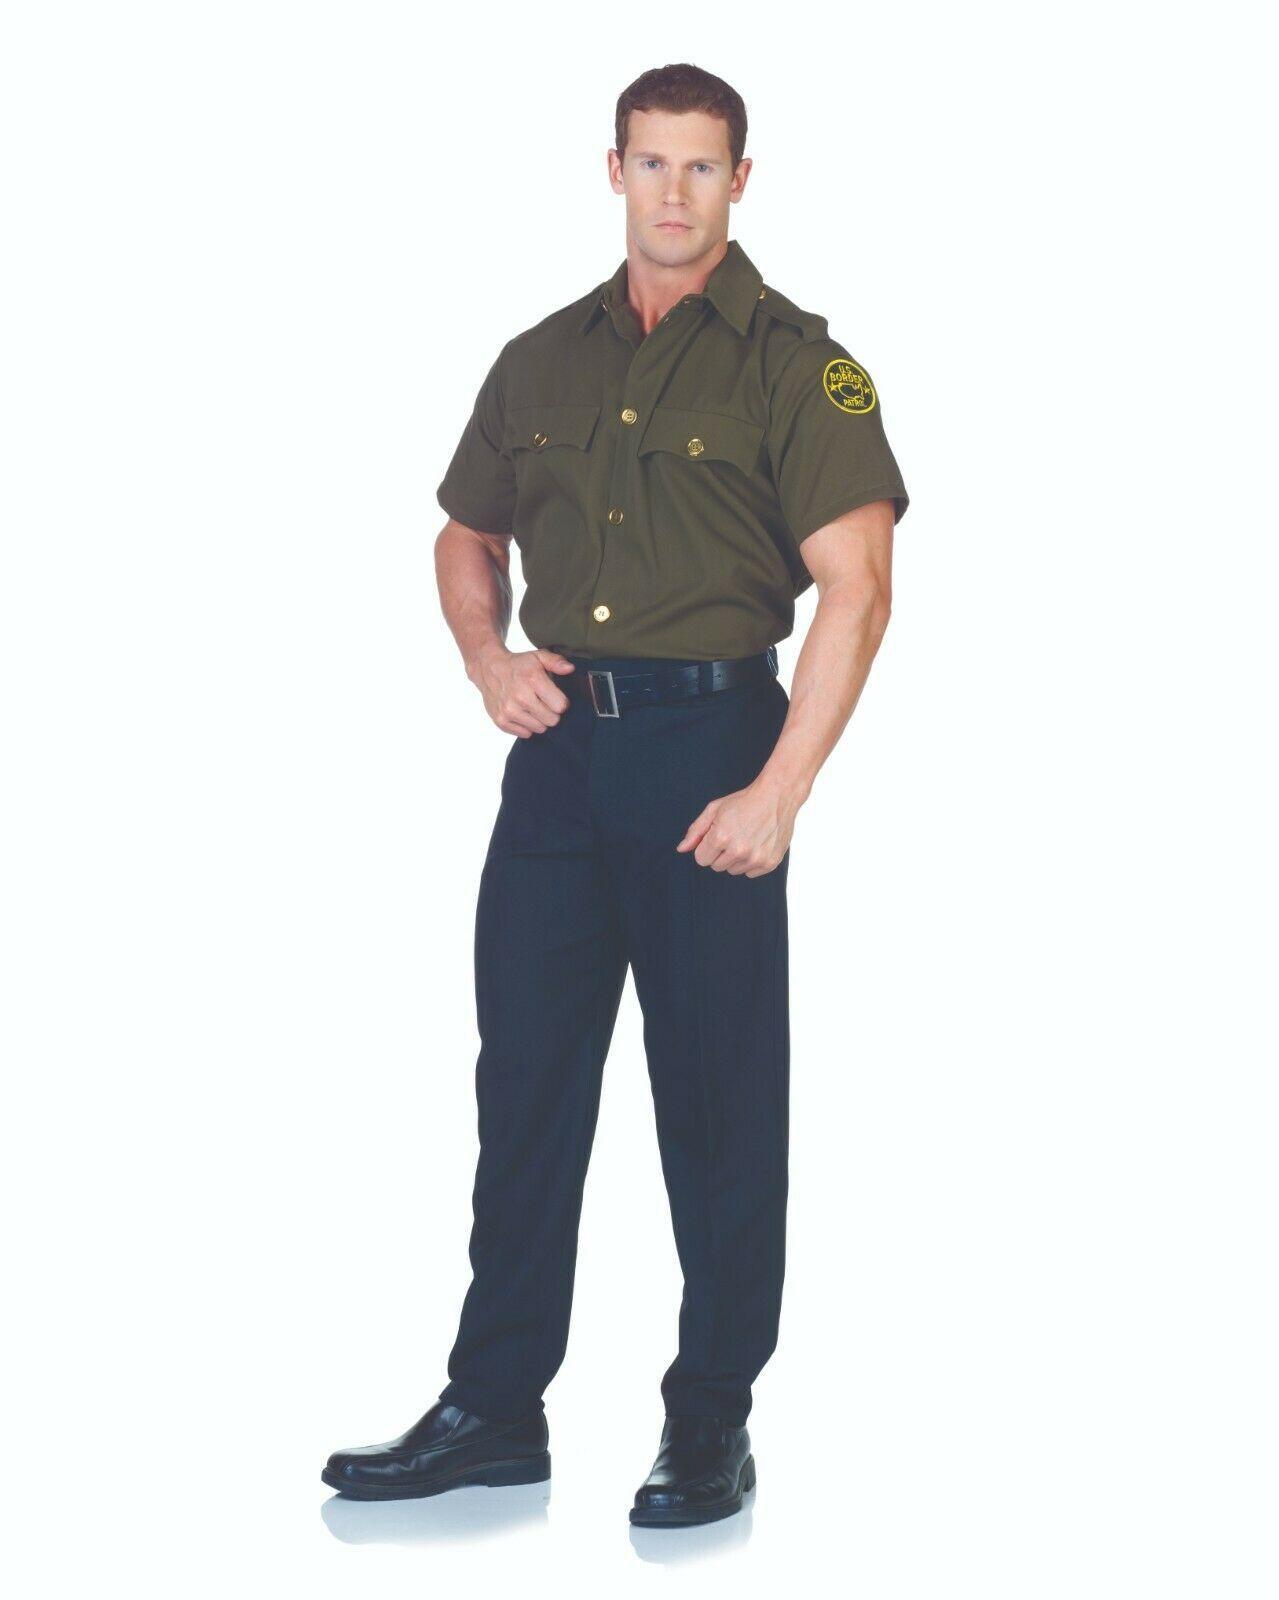 Underwraps Frontera Patrulla Oficial Uniforme Camisa Hombre Adulto Halloween - $21.02 - $24.18